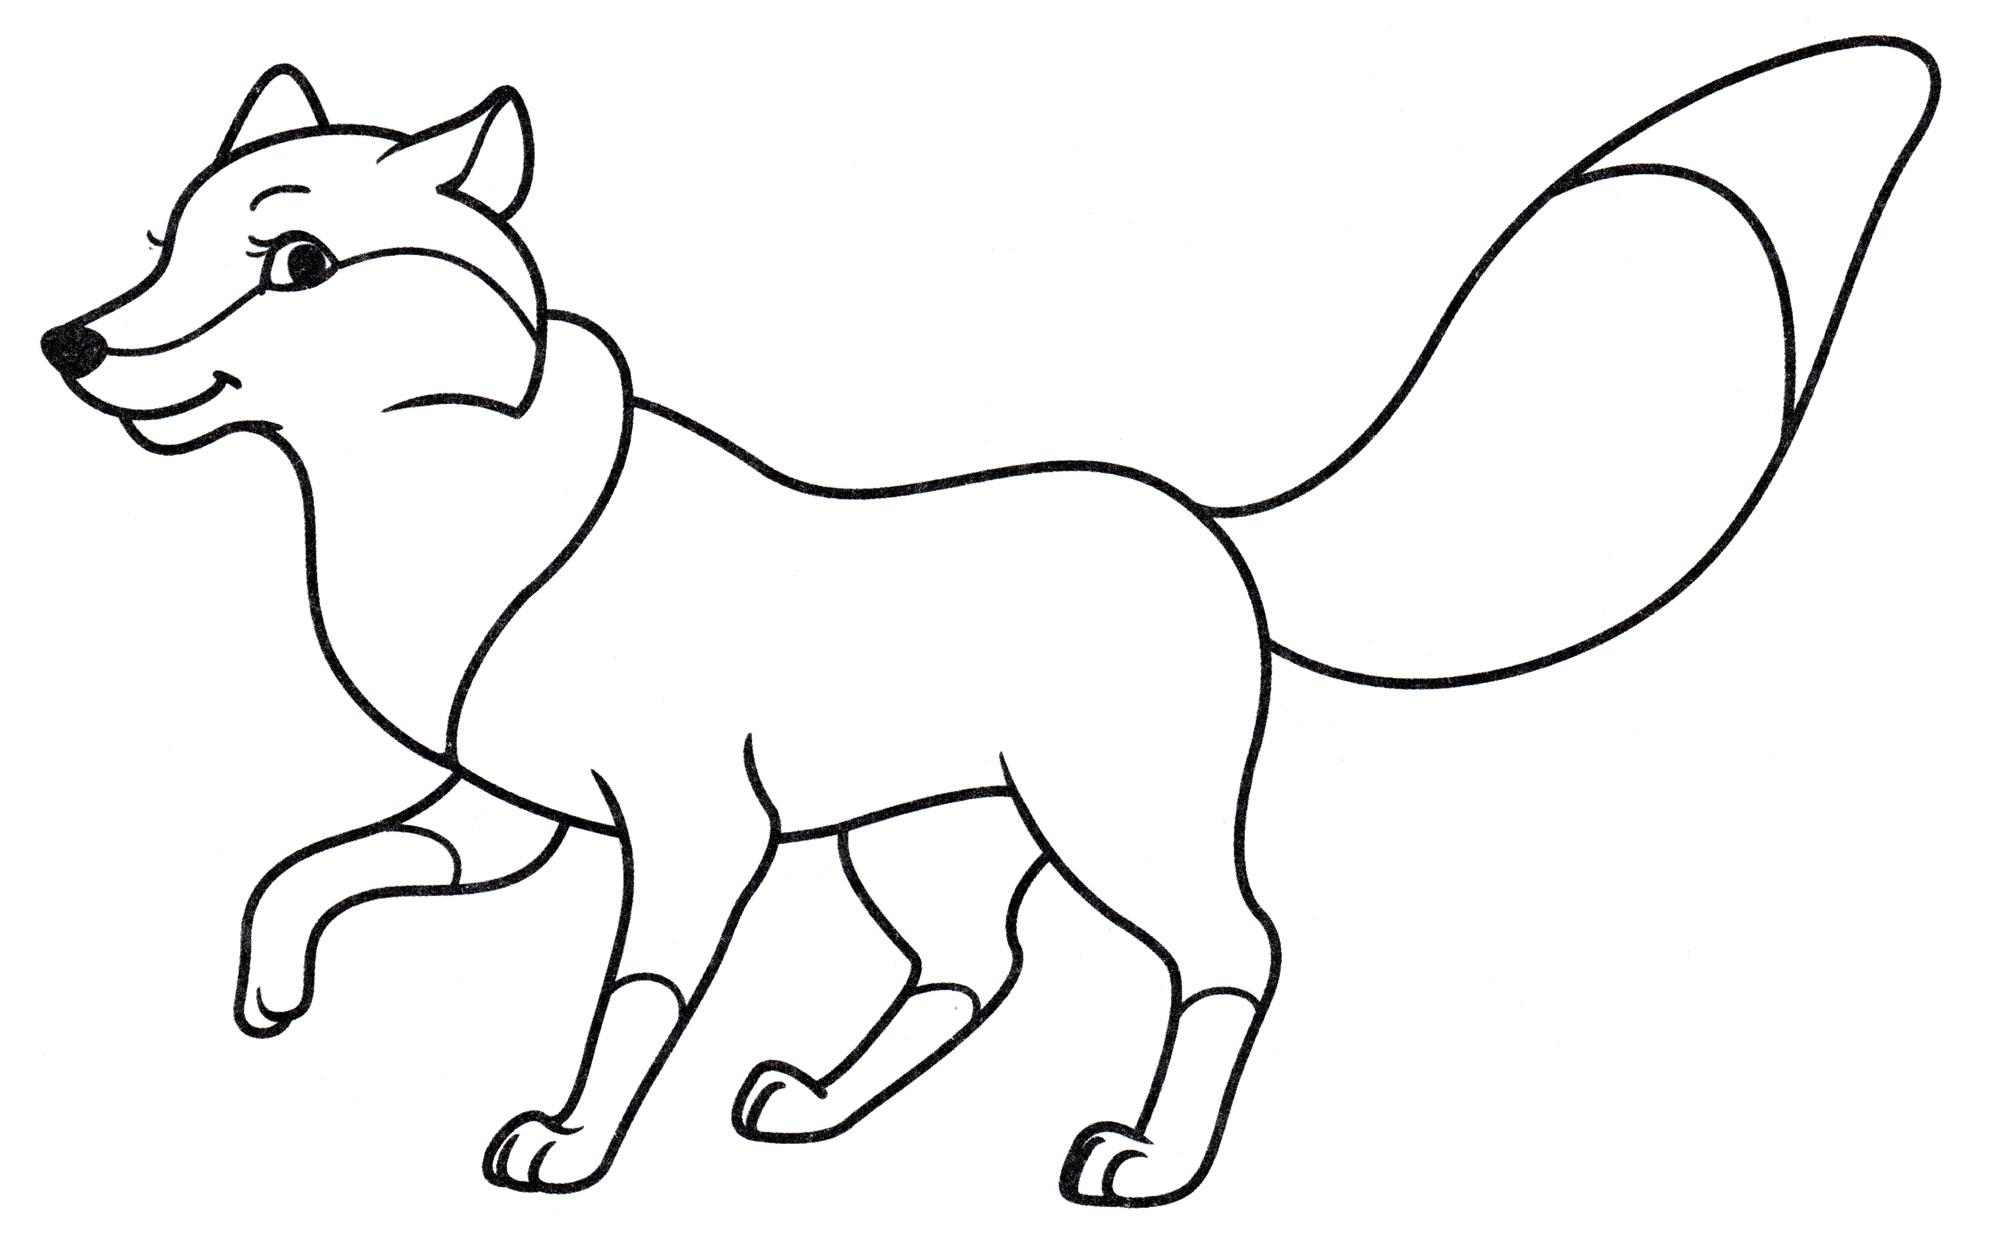 нужный картинка лисы печать вероятно, увидите